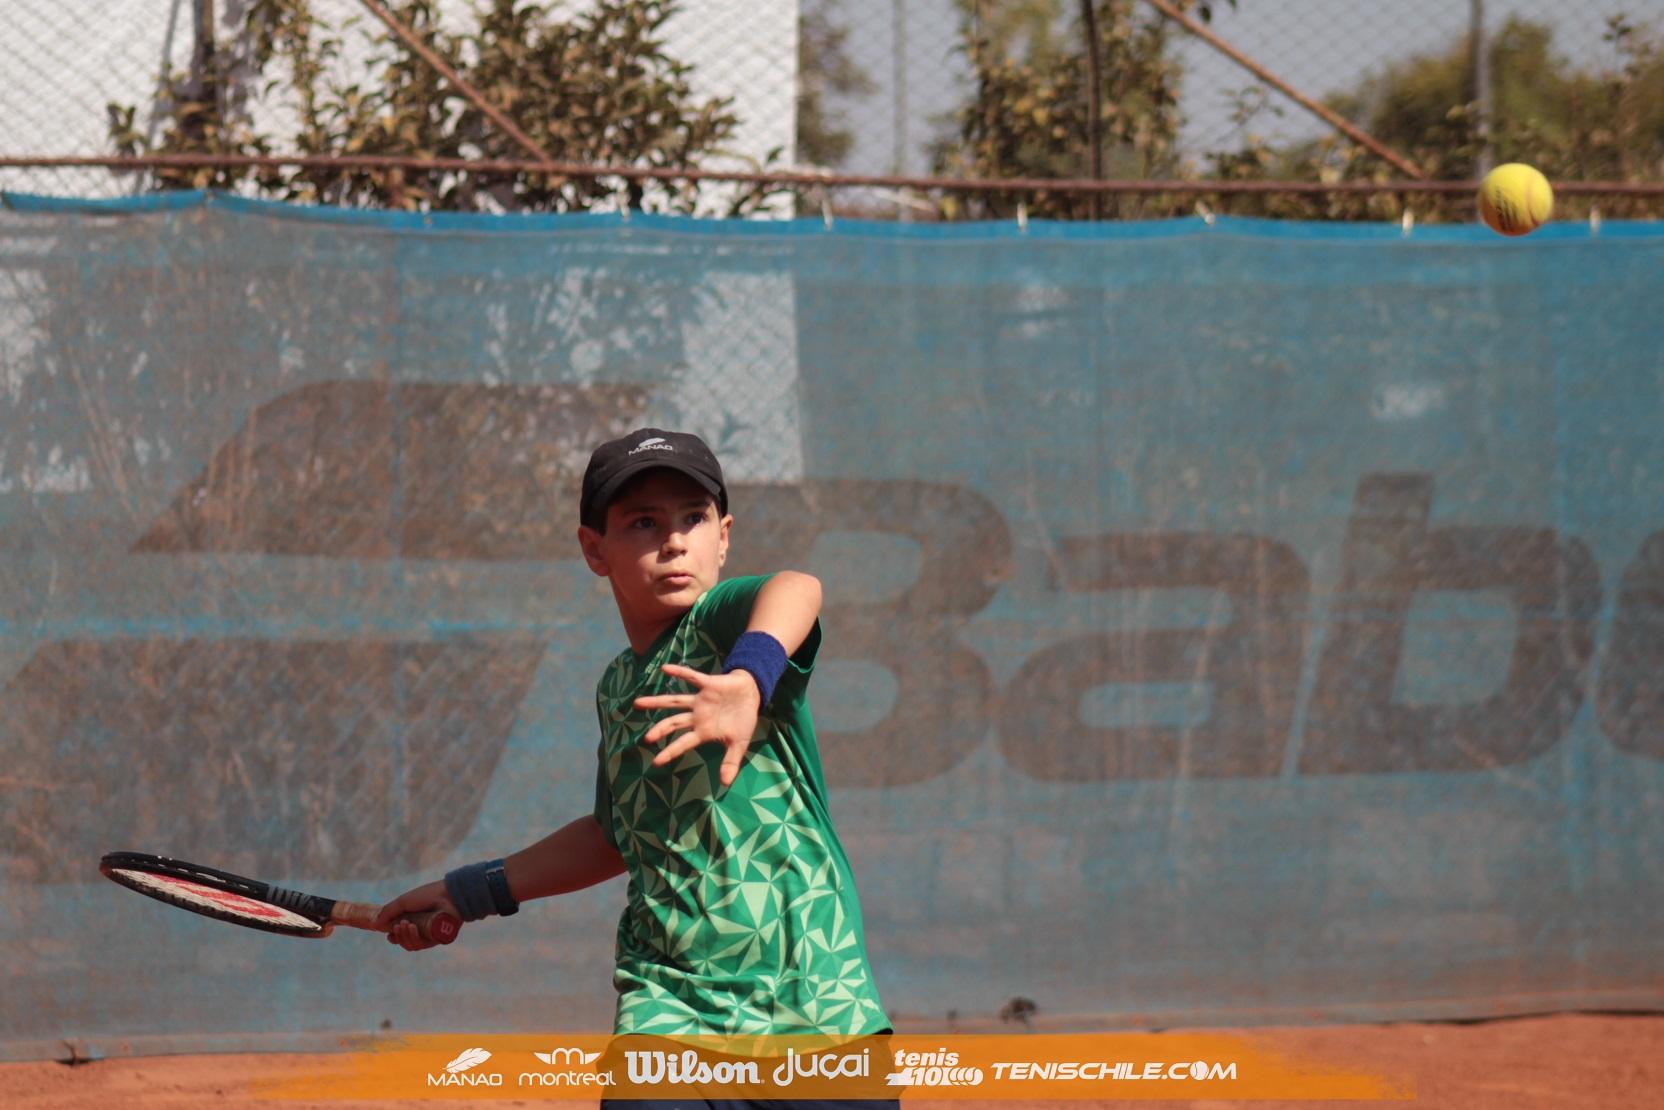 Desde ESPN al ATP tour, el jugador de tenis 10 que brilla en redes sociales